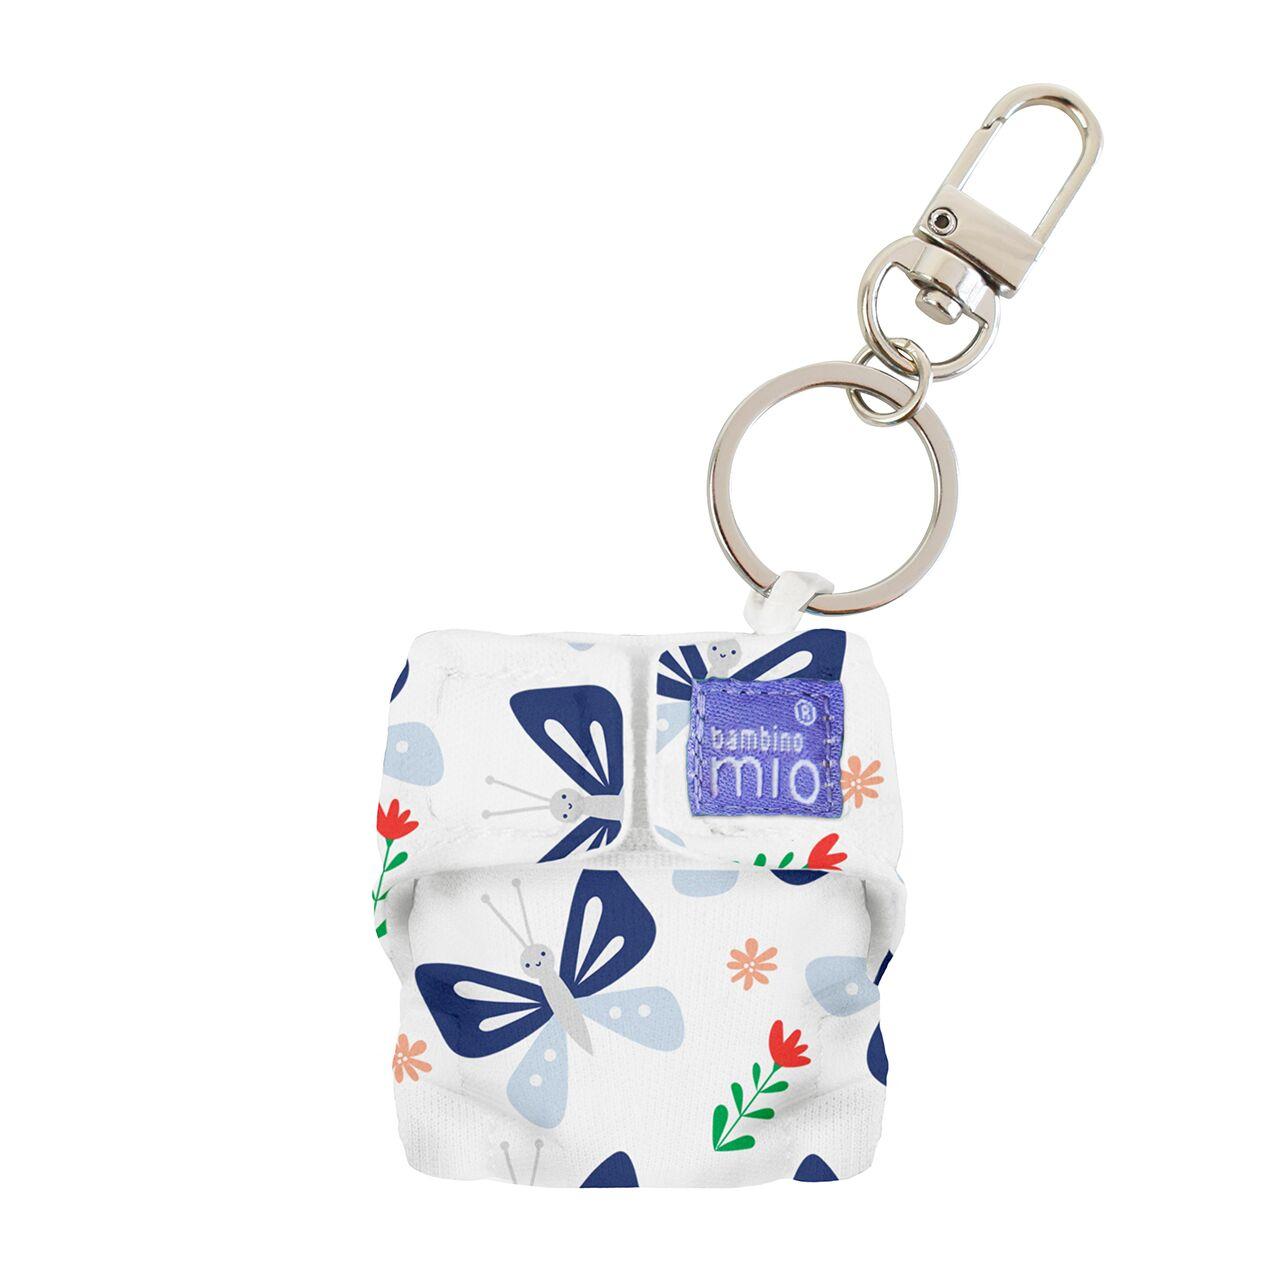 Kľúčenka Minisolo Bambino Mio, Butterfly Bloom